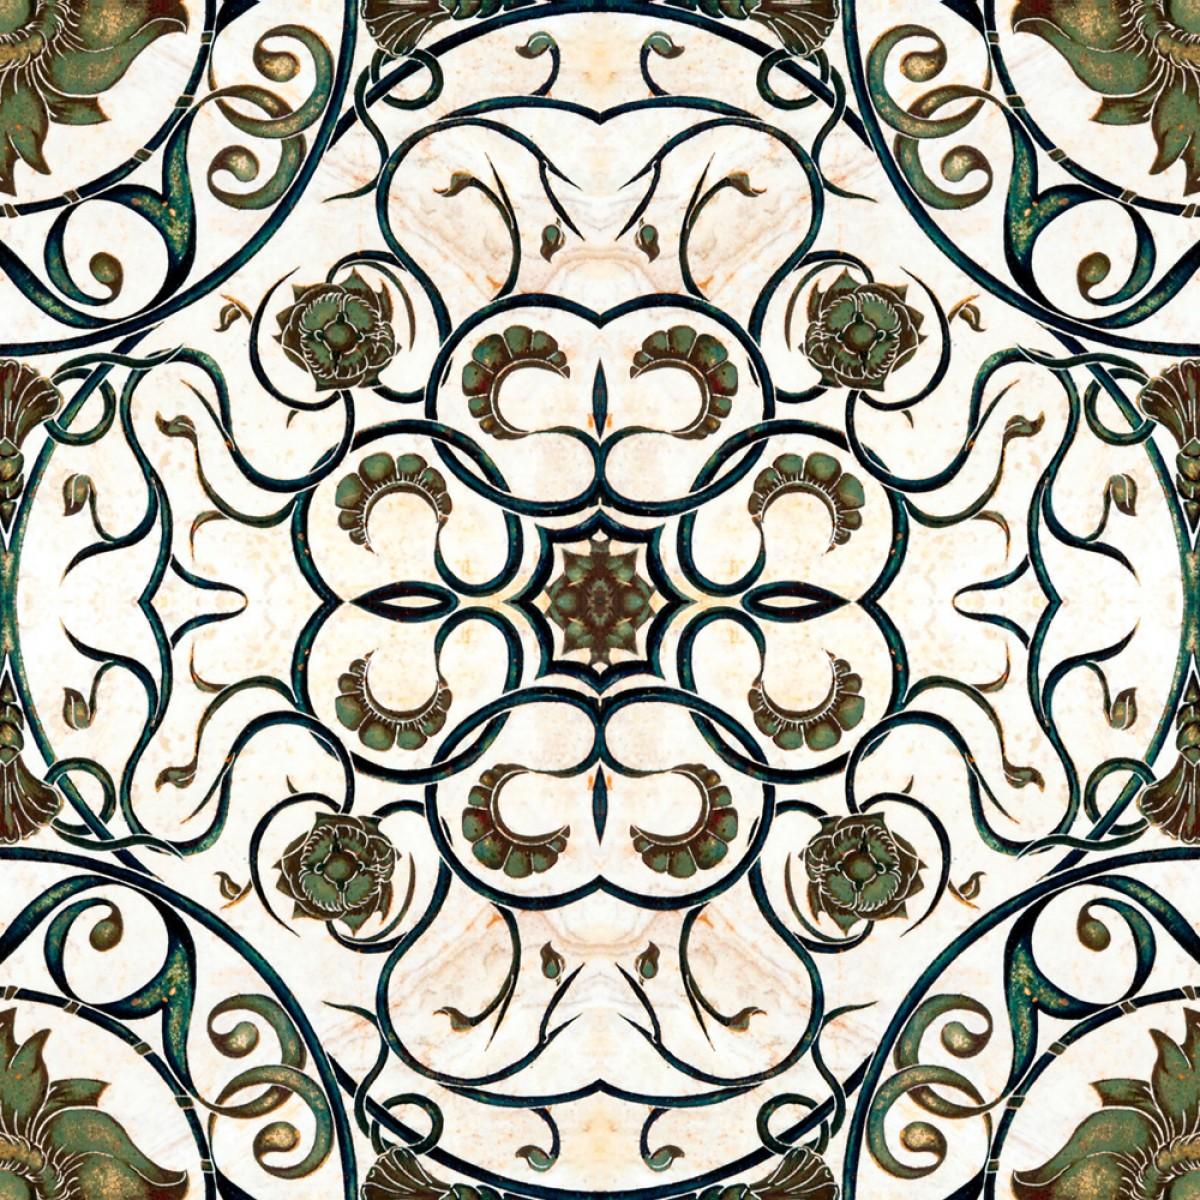 Tapet designer World Culture Organic Tile, MINDTHEGAP